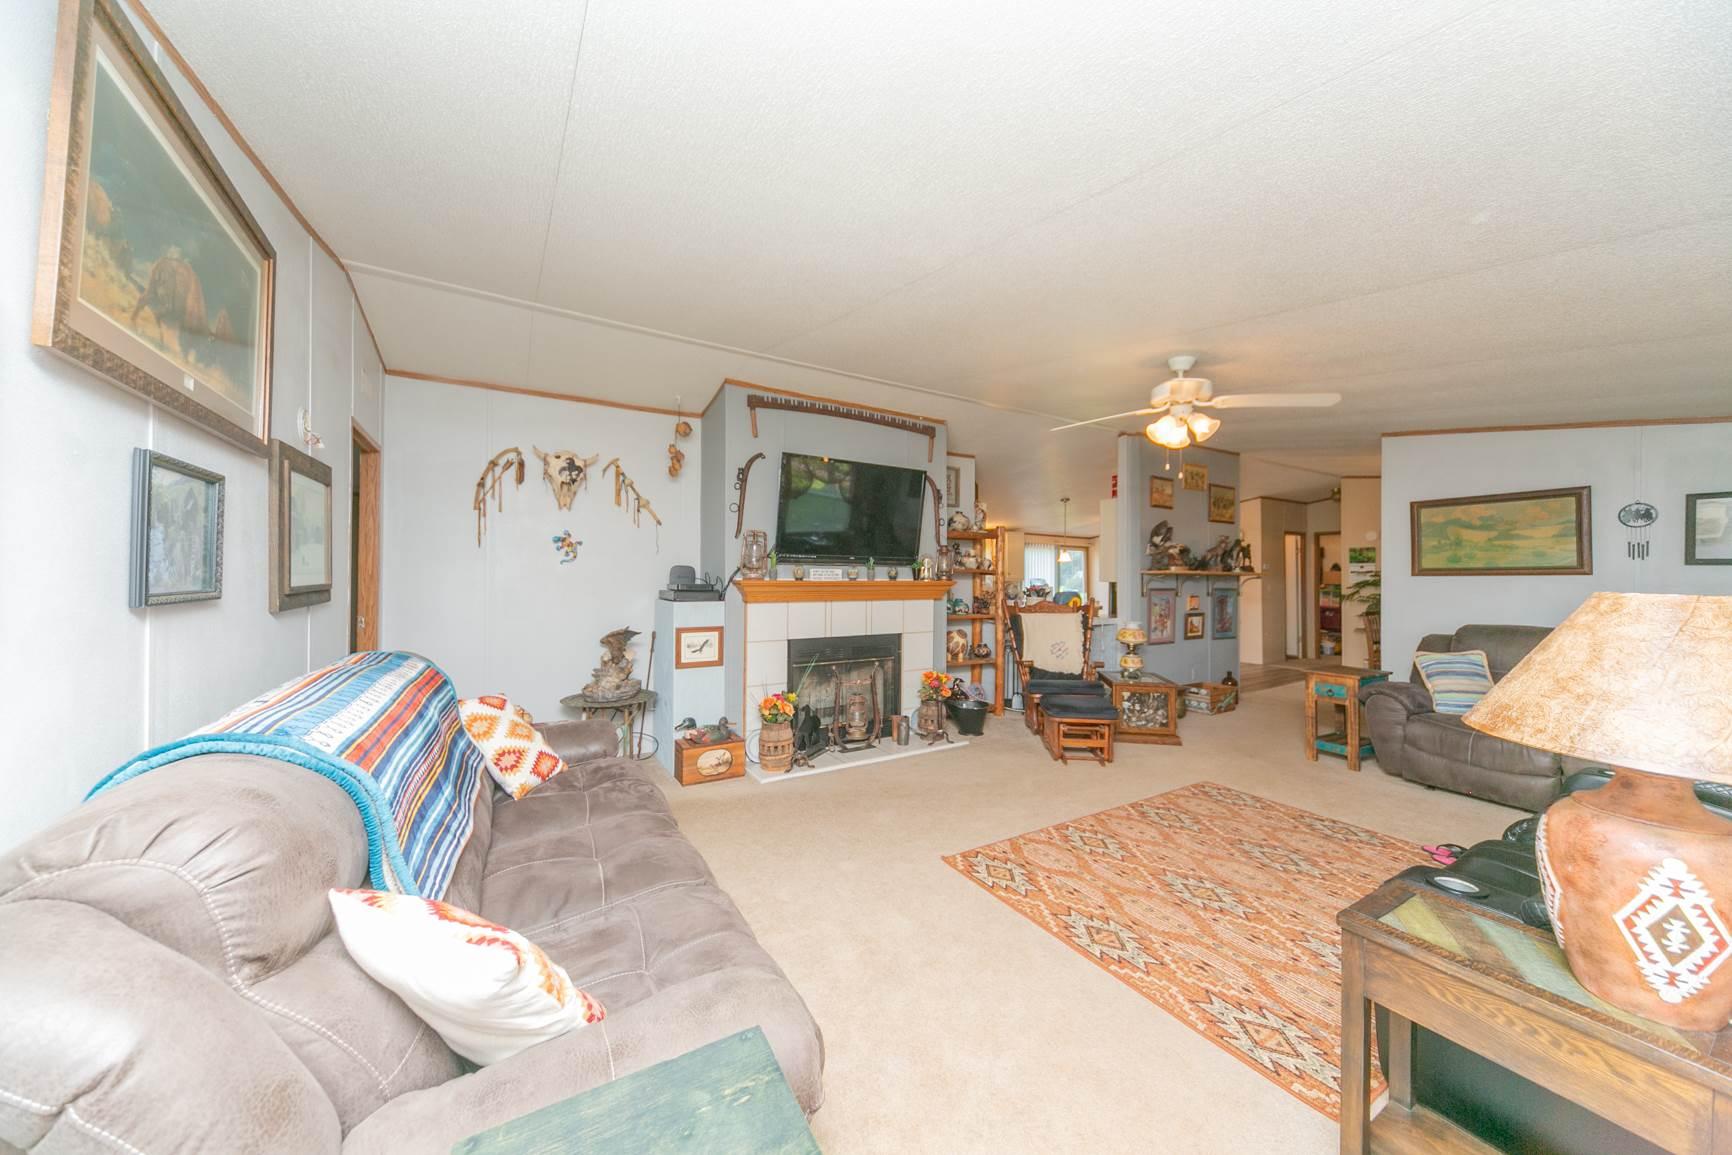 6845 Forrest Cir, Stillwater, OK 74074